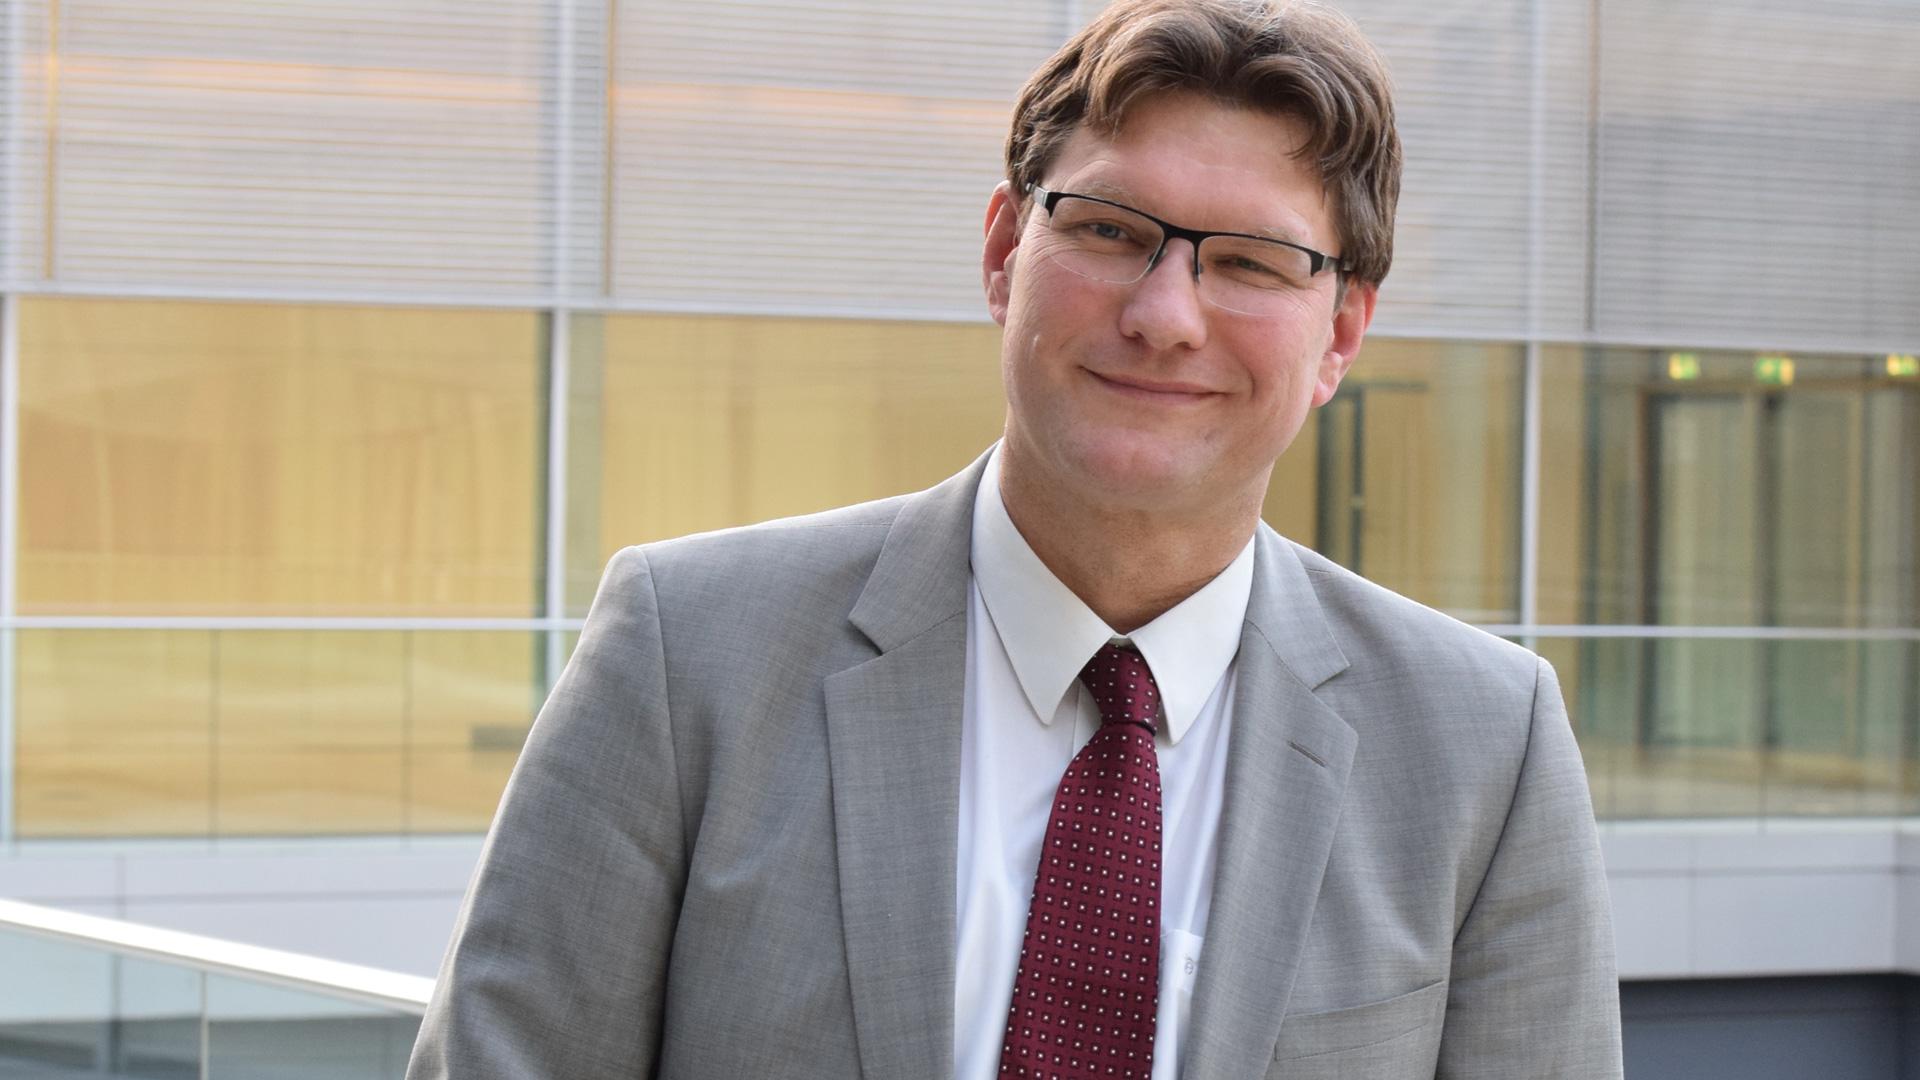 Uwe Heimowski ist Beauftragter der Deutschen Evangelischen Allianz am Sitz des Bundestages und der Bundesregierung. Er setzt sich dafür ein, das Thema Christenverfolgung auf die Agenda zu heben.